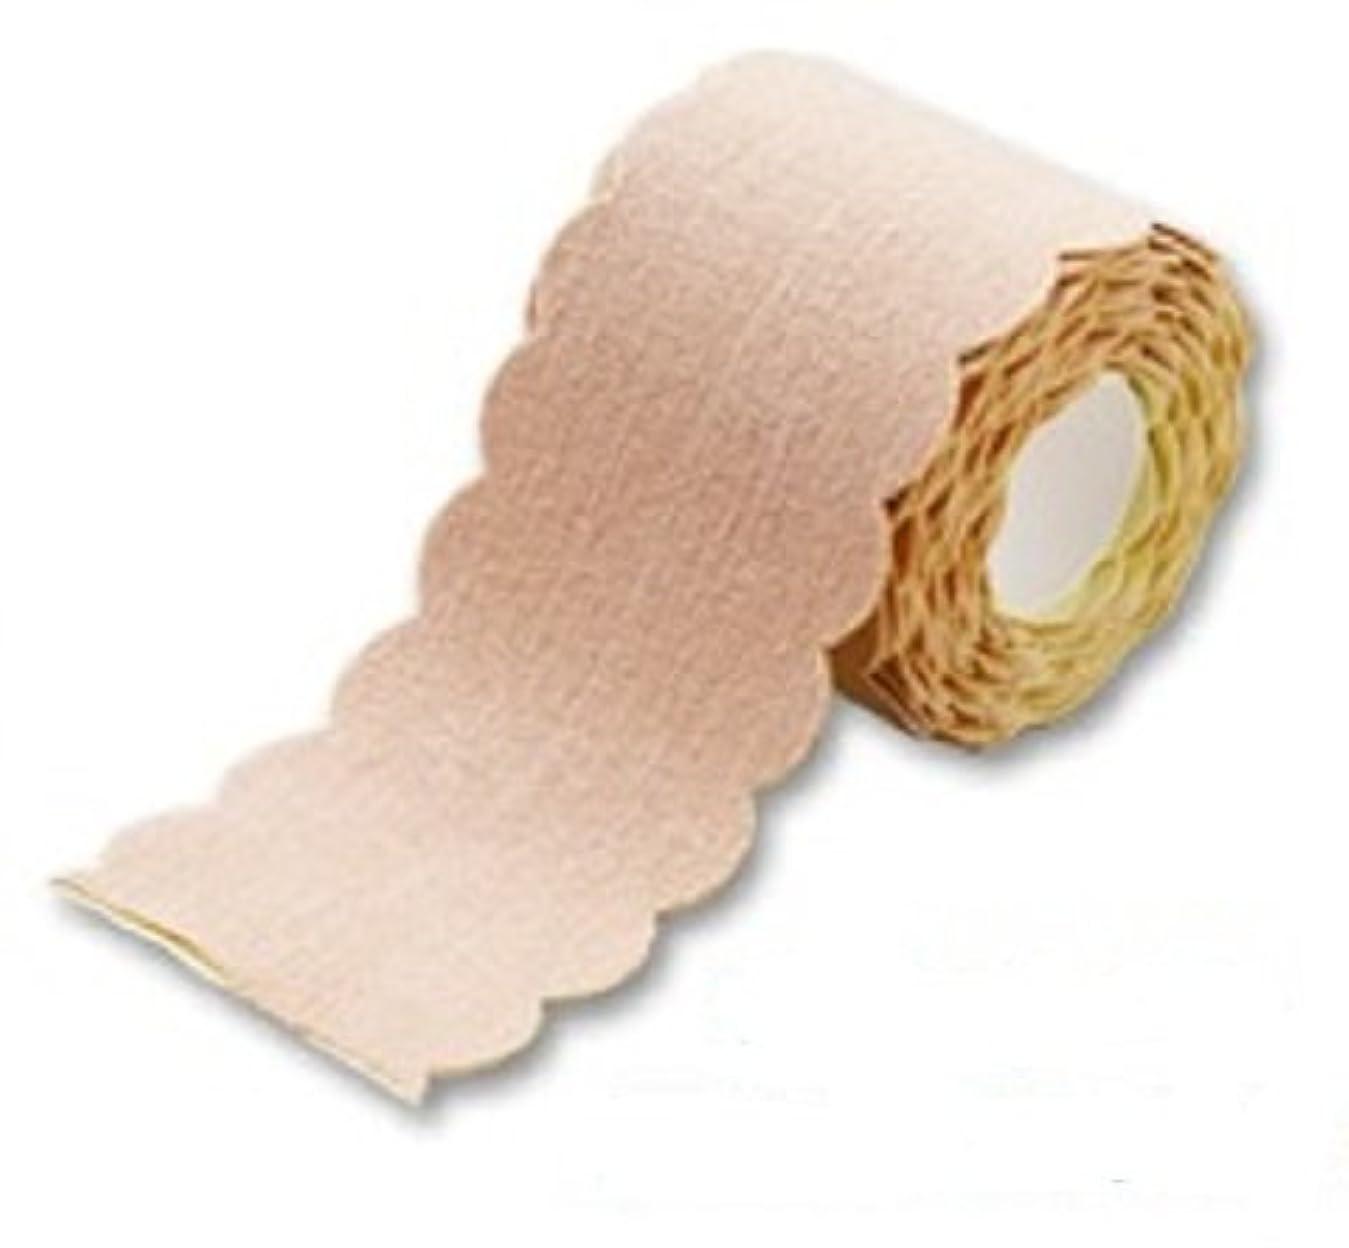 報告書虚弱立証する汗取りパッド ワキに直接貼る汗とりシート ロールタイプ 3m 直接貼るからズレない?汗シート